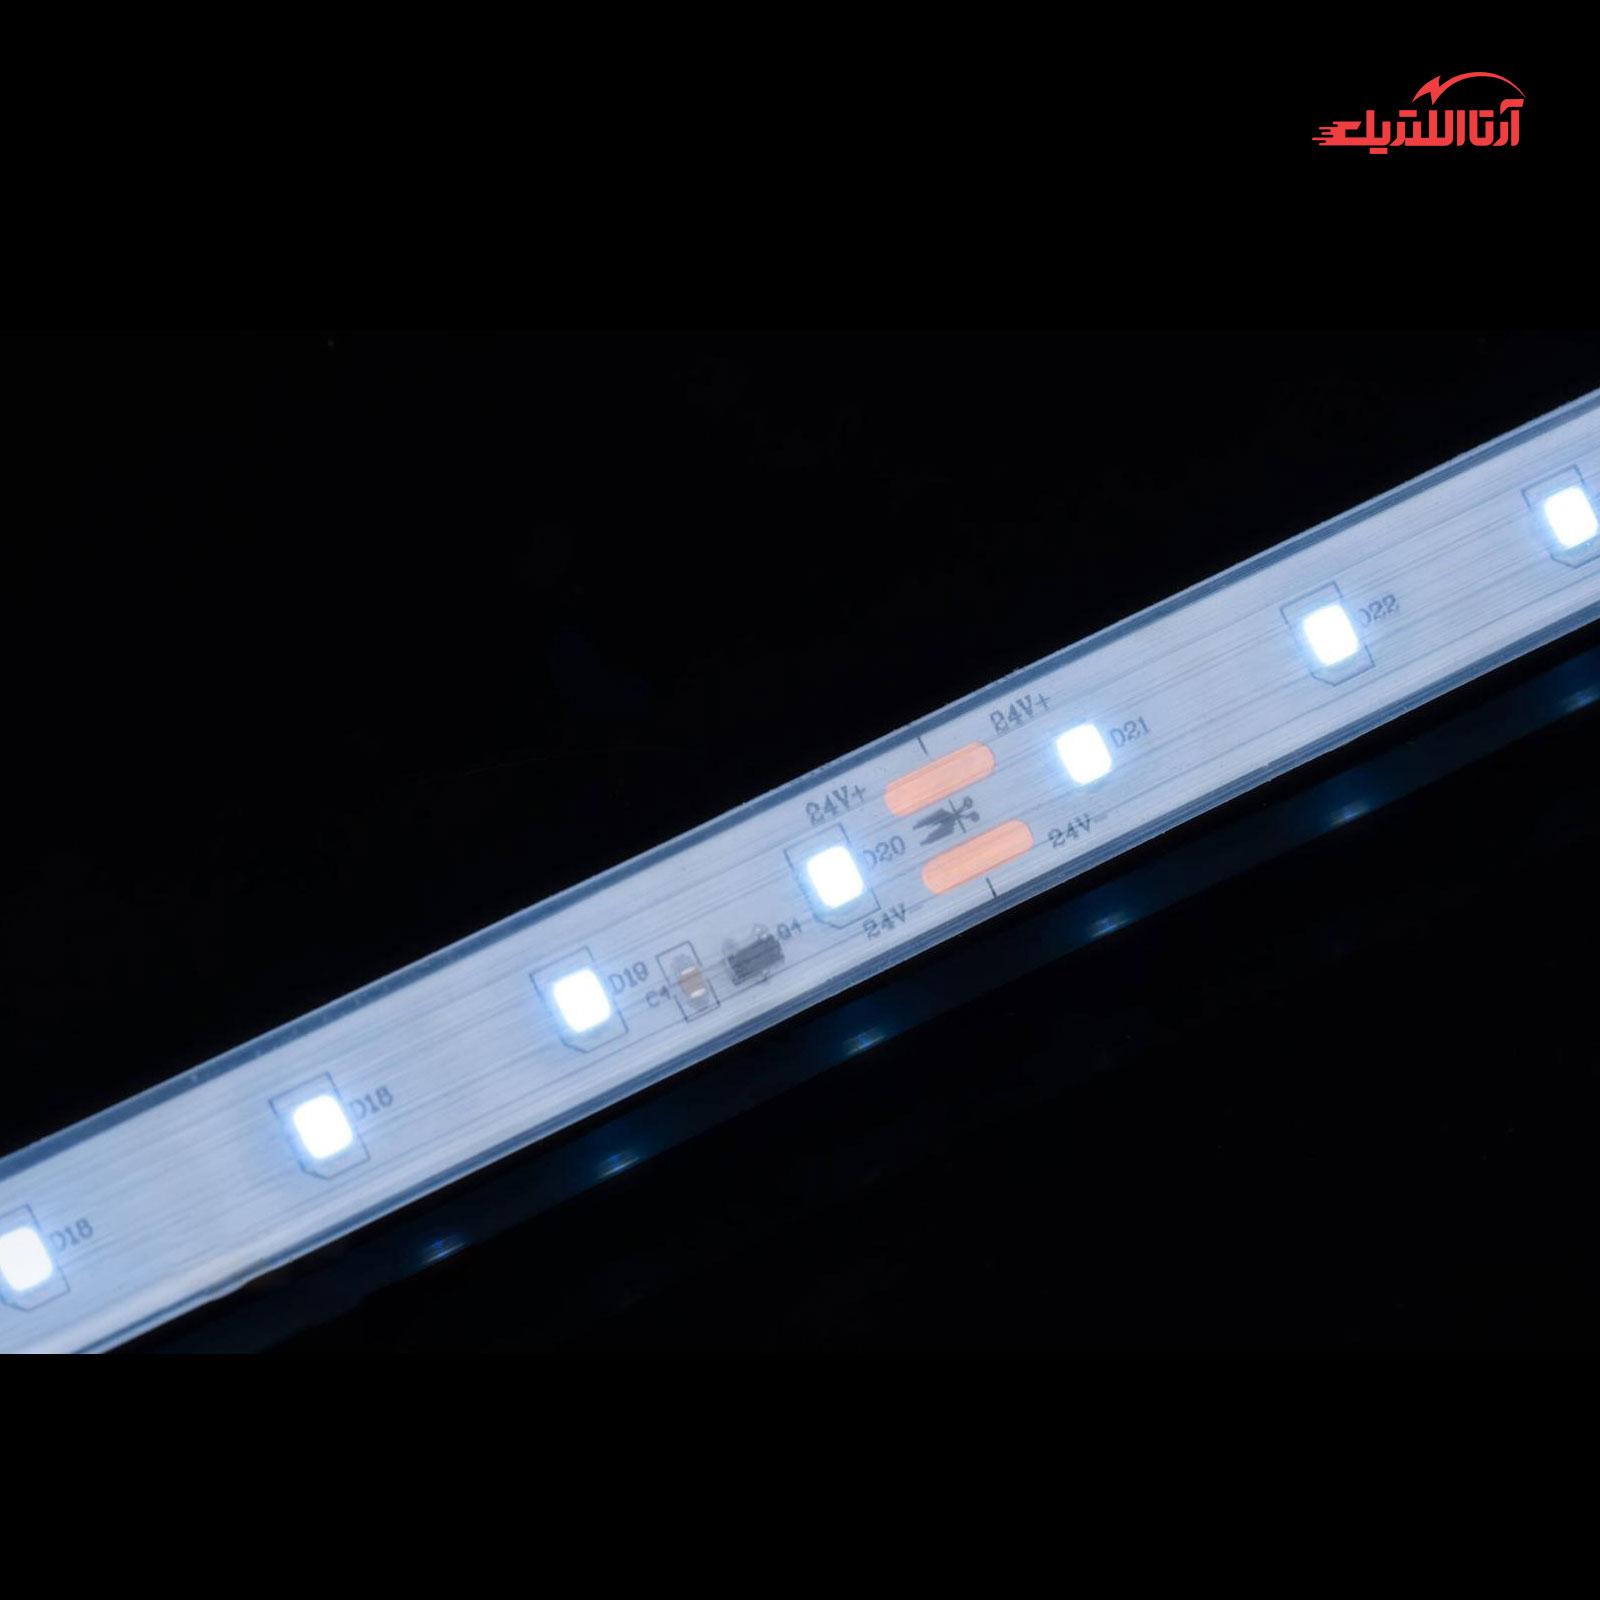 ریسه 100 متری SMD ۲۸۳۵ تراکم 60 لوپ لایت مدل LB-P6012